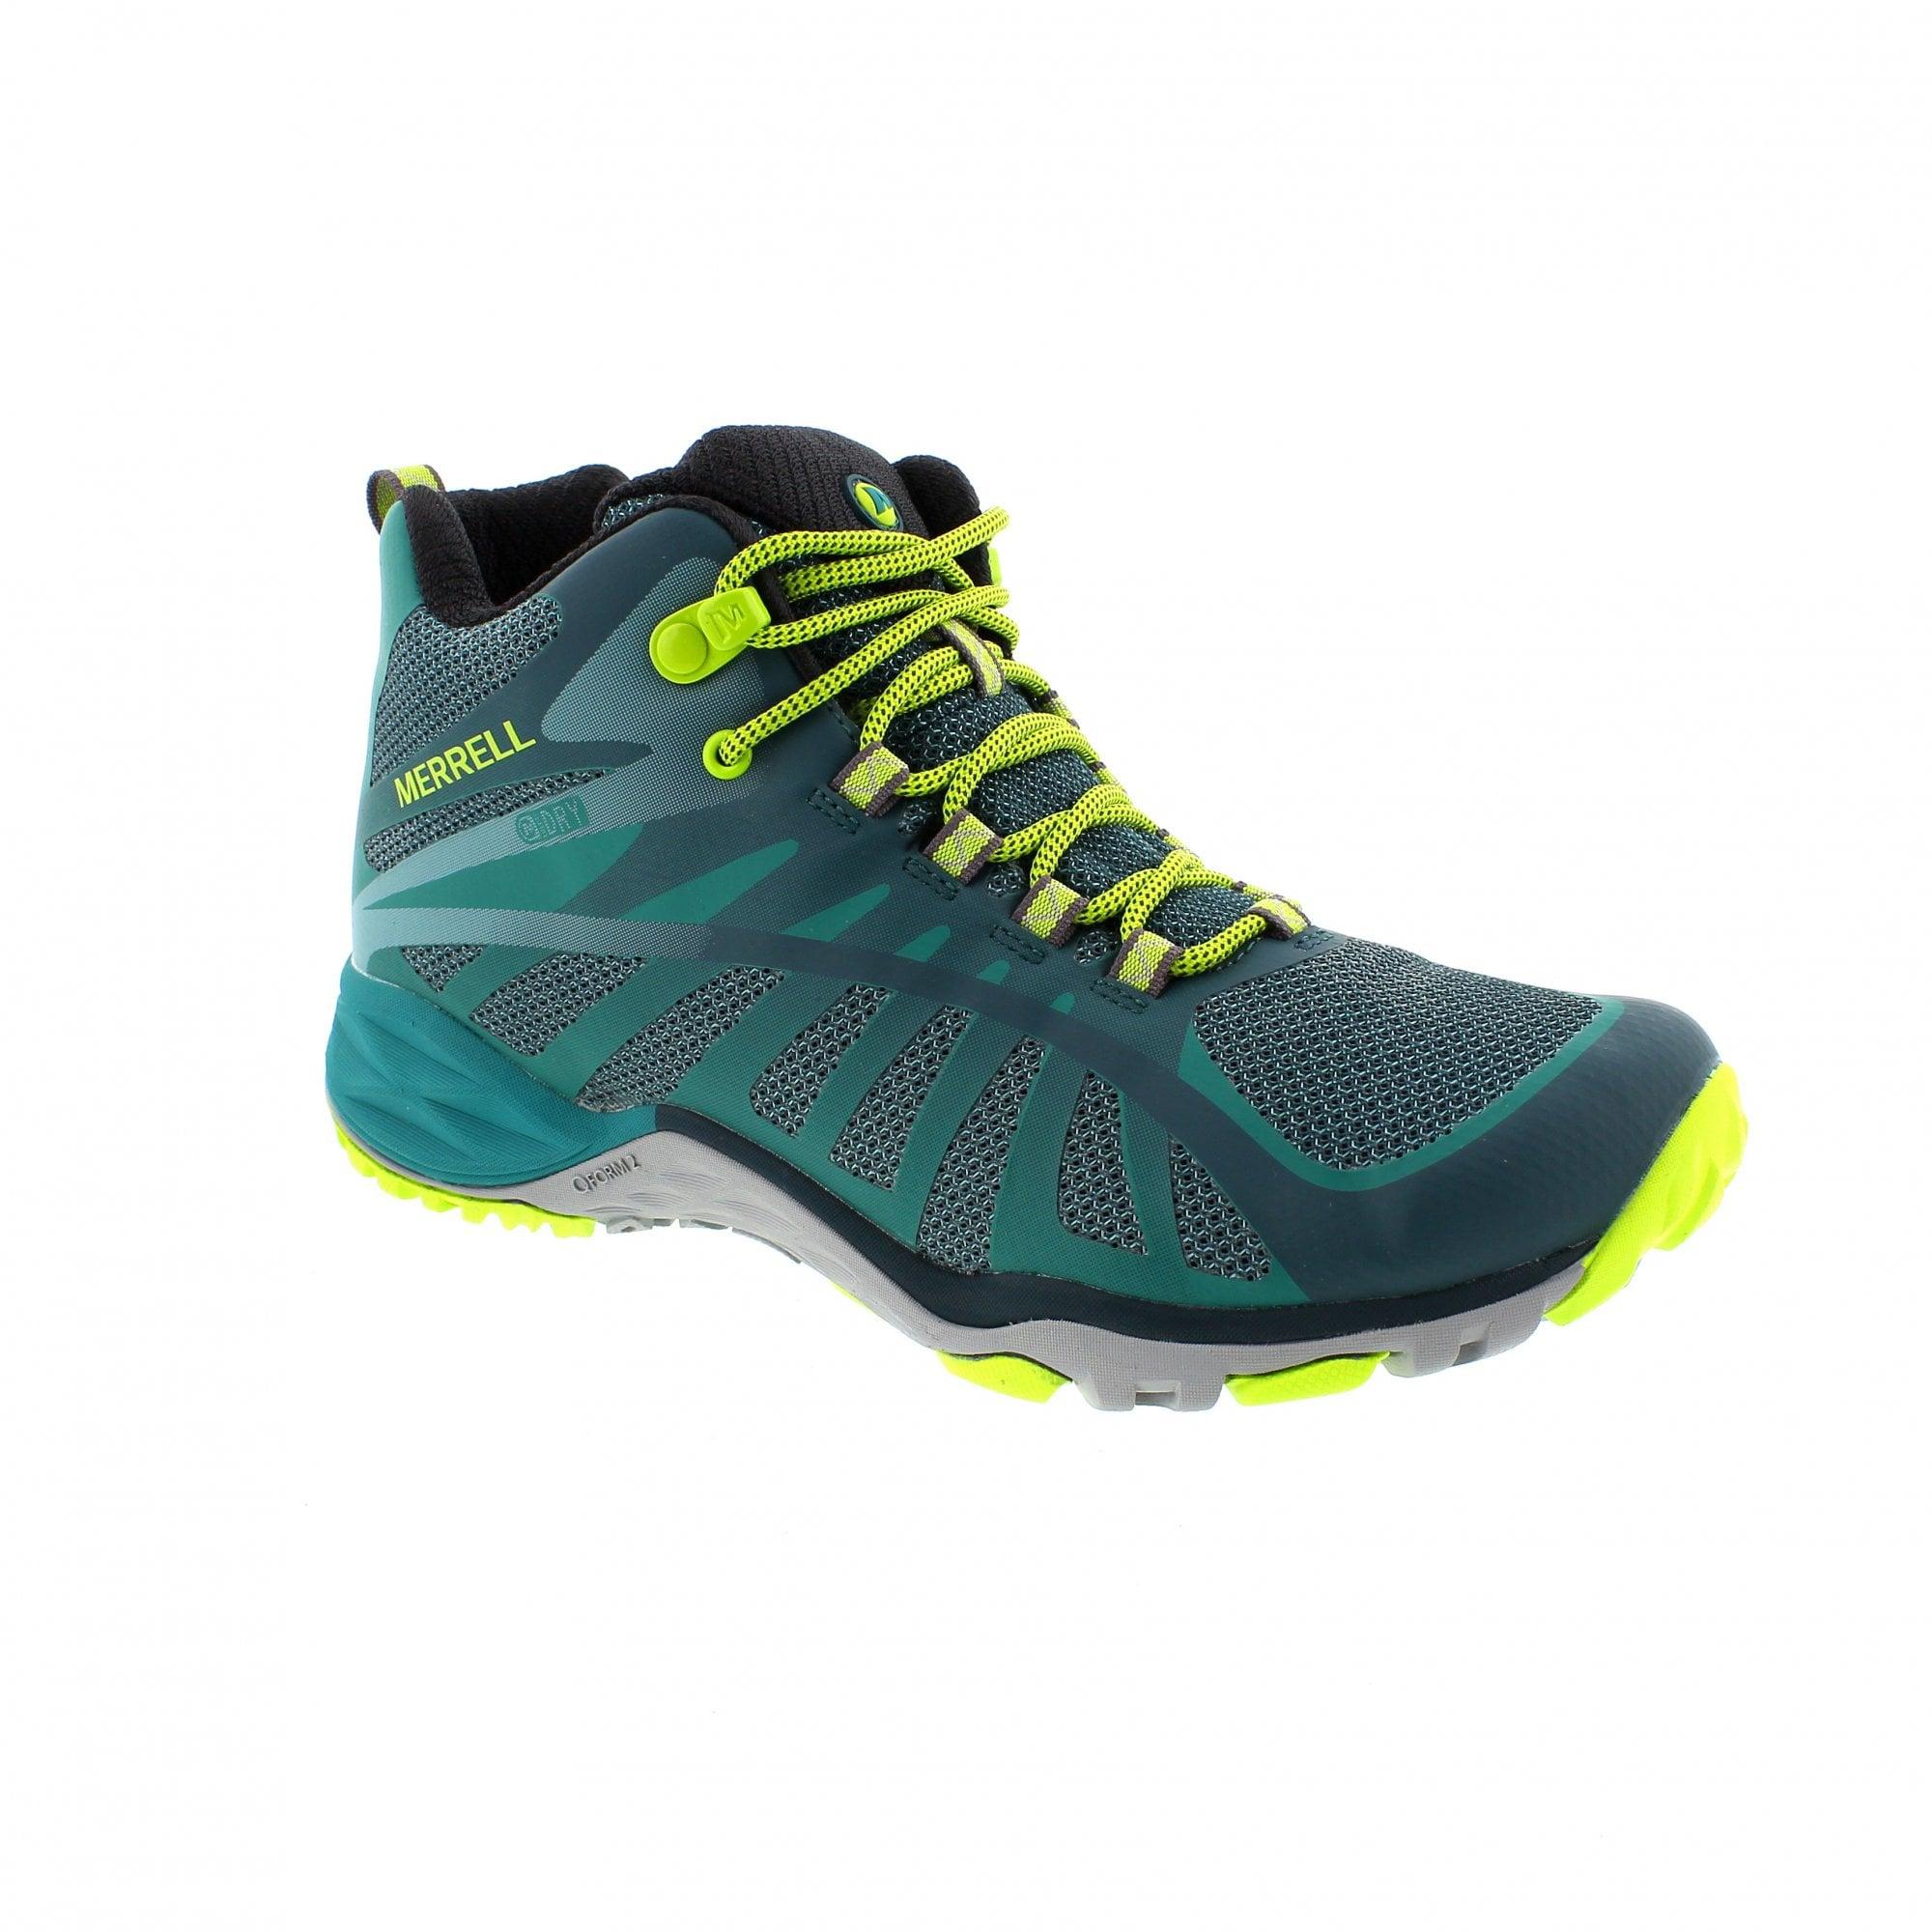 216d22eede29 Merrell Siren Edge Q2 Mid Waterproof J77542 Womens Walking Boots ...